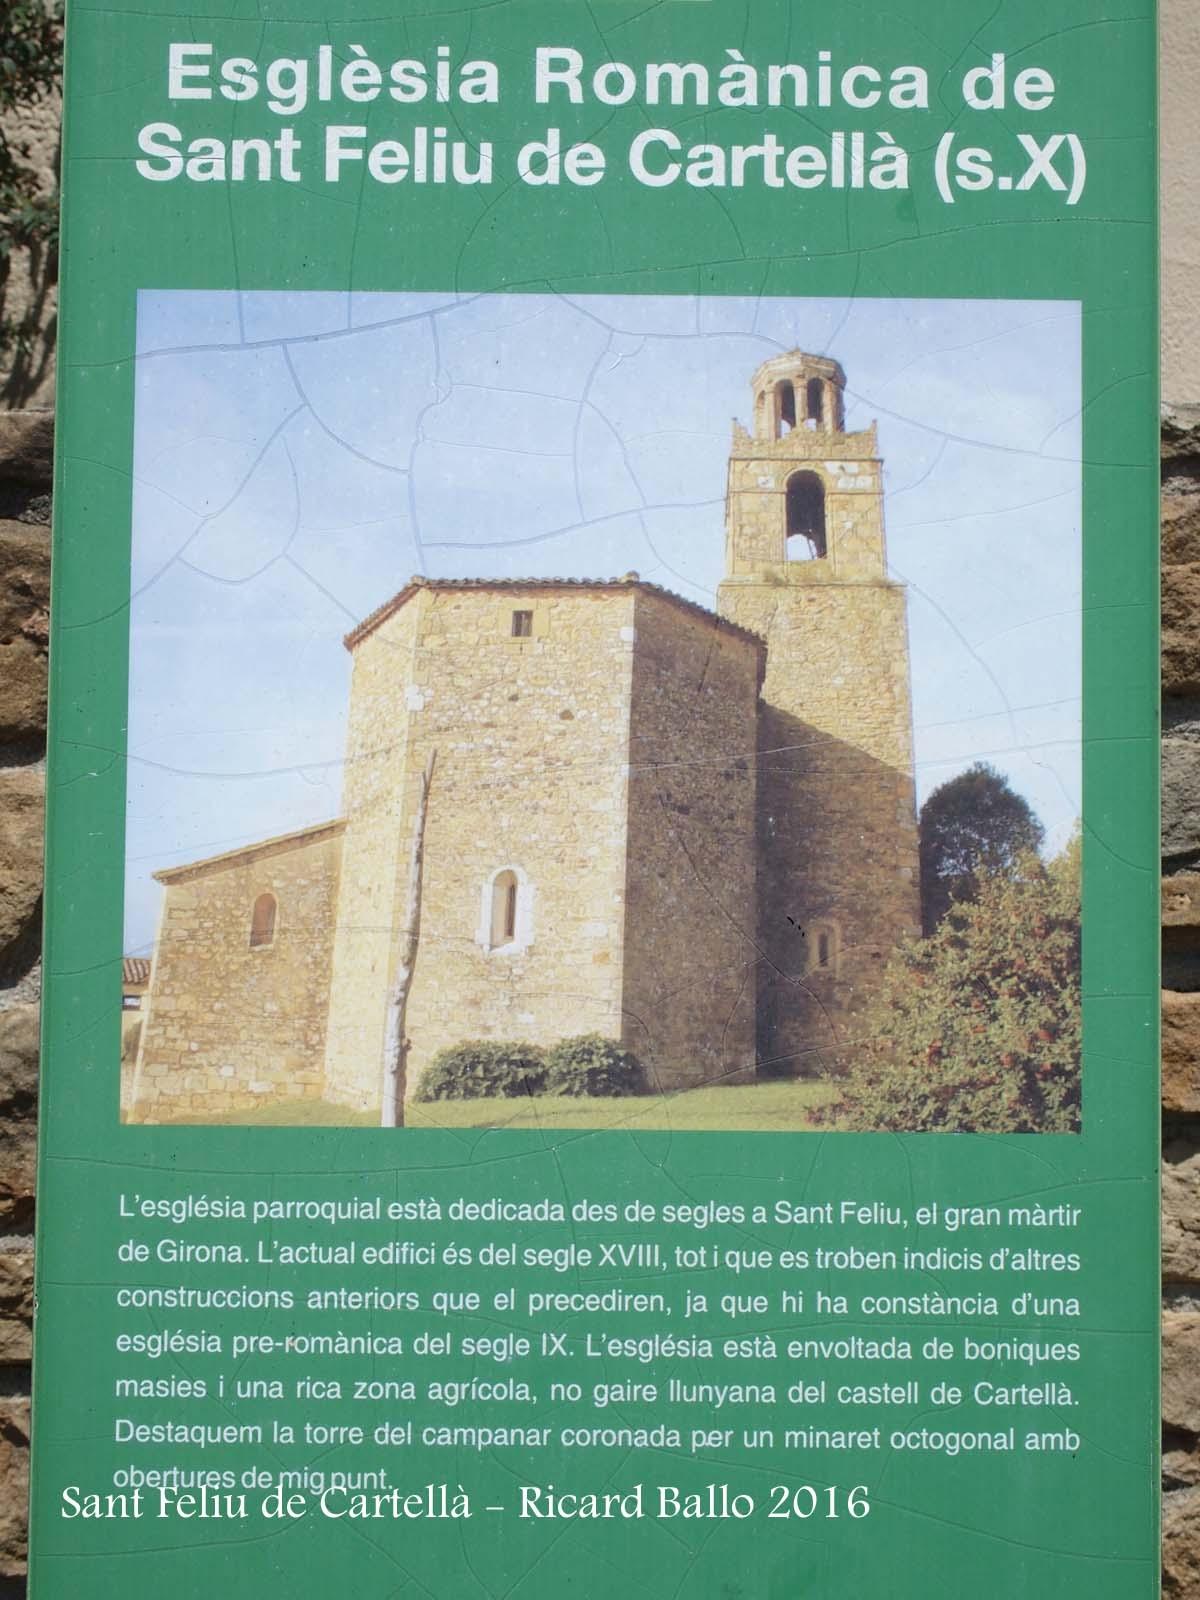 Cartell informatiu situat al davant de l'Església parroquial de Sant Feliu de Cartellà–Sant Gregori